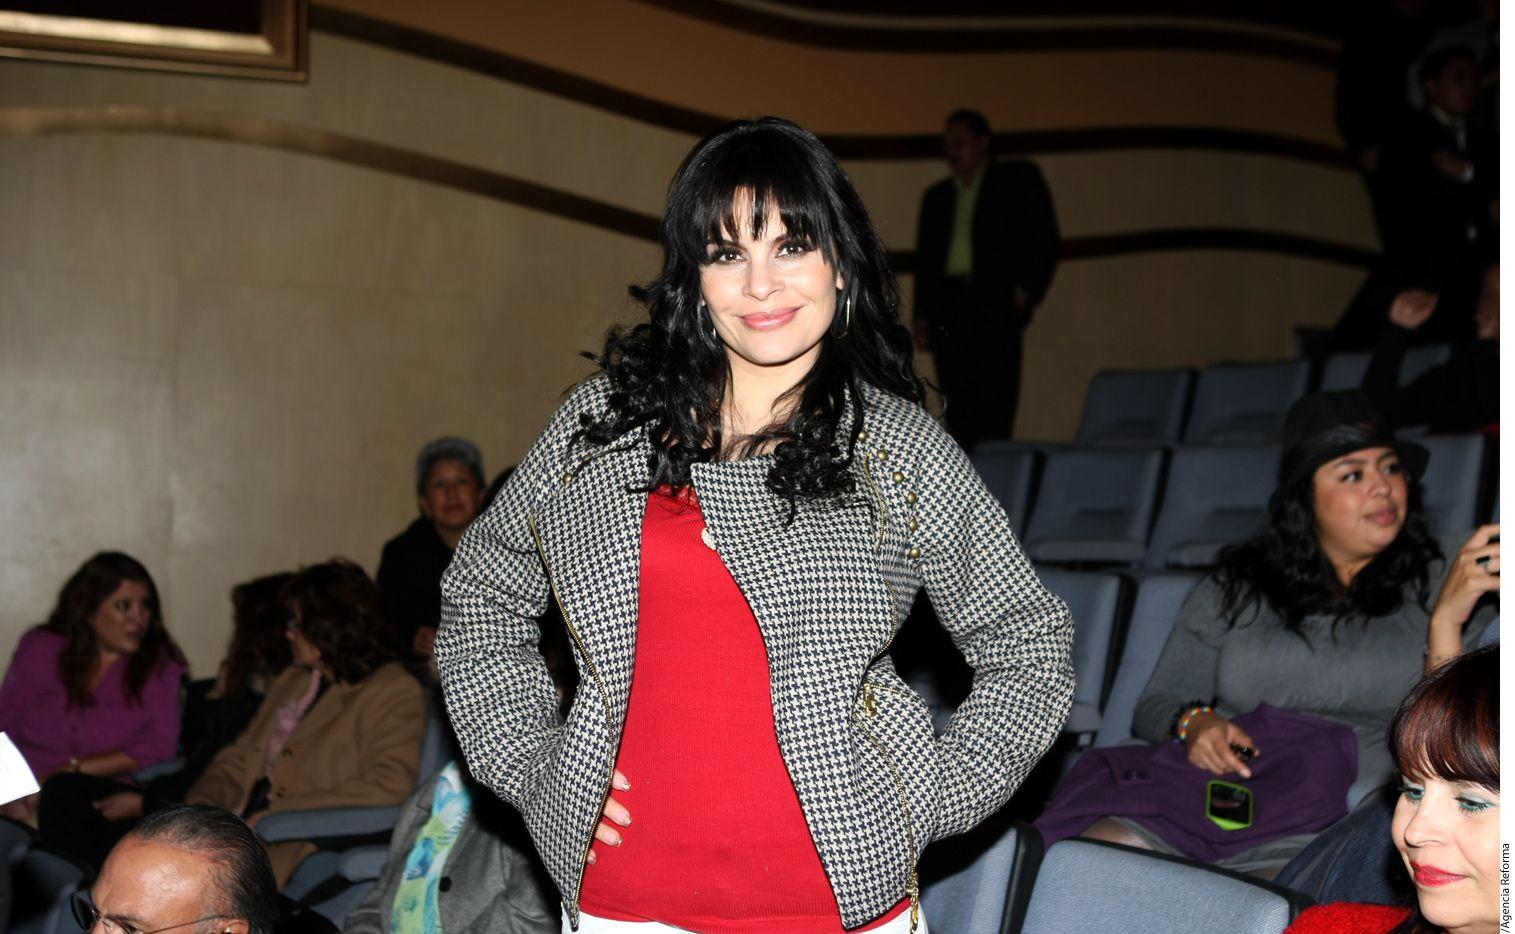 """La serie """"El Clan"""" está basada en el libro de María Raquenel Portillo (foto), Mary boquitas, ex compañera de Gloria Trevi, aún sin título./ AGENCIA REFORMA"""